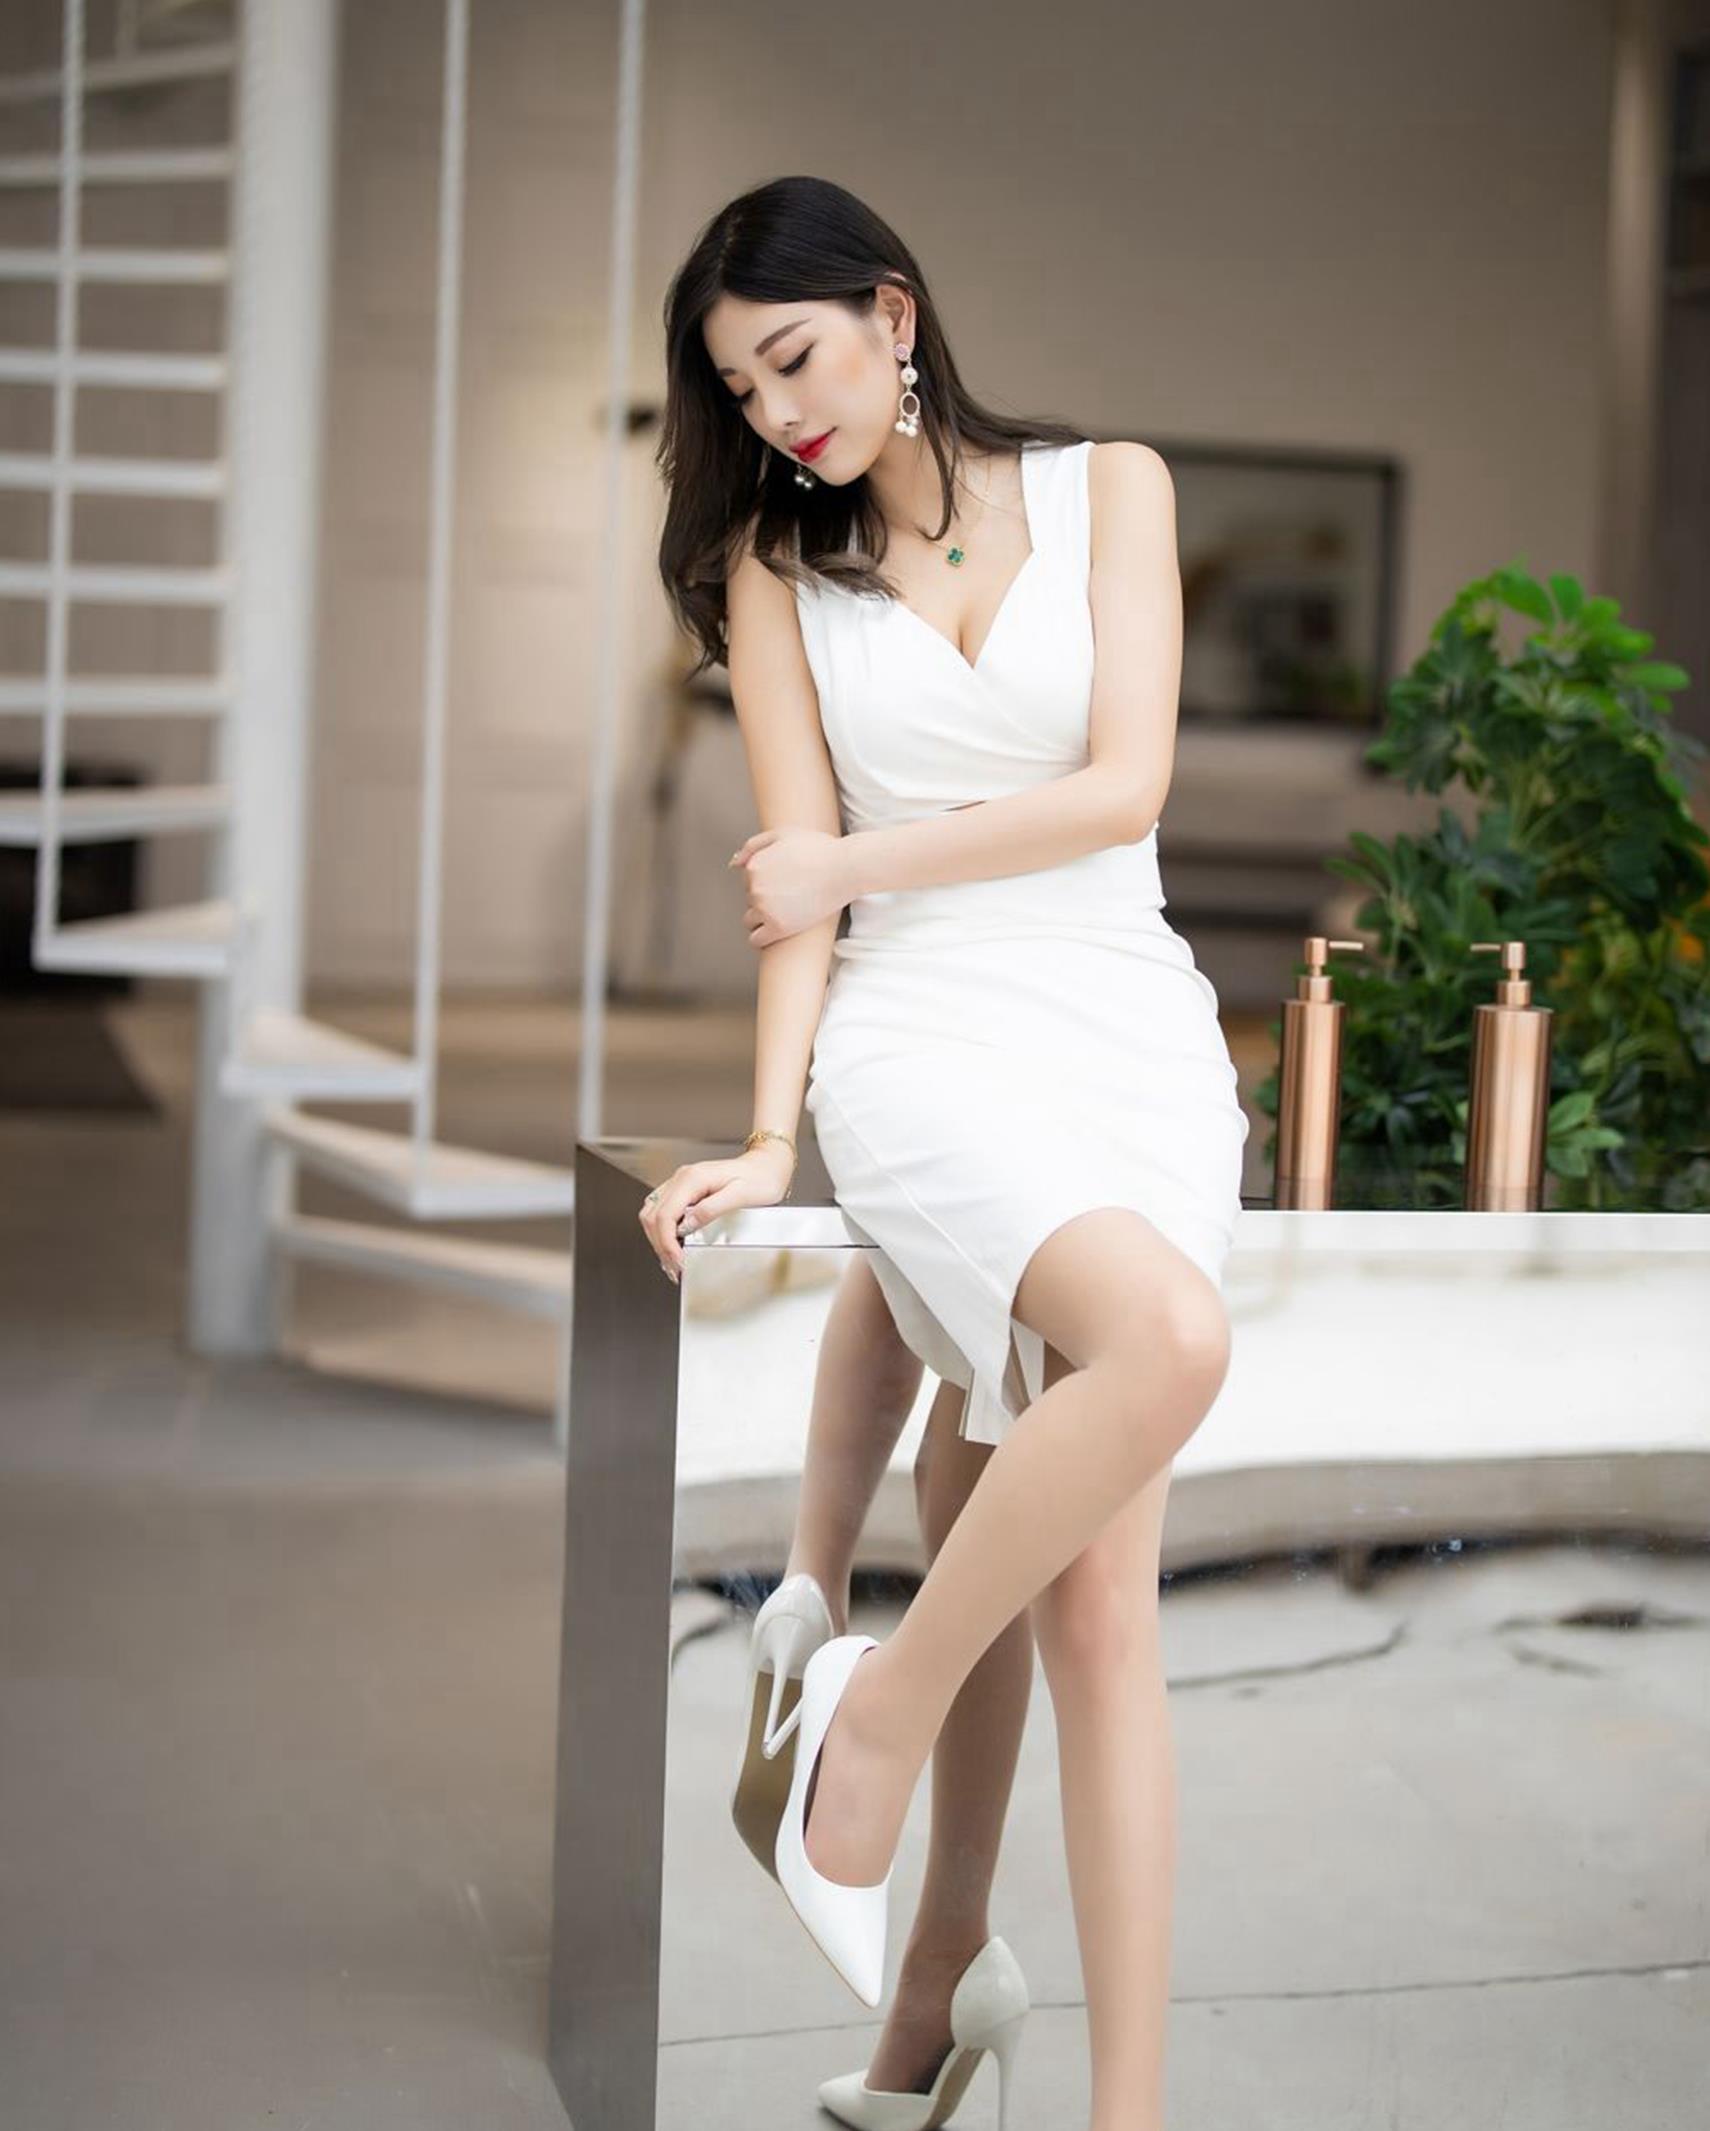 洁白的白色衣服搭配,衬托出女孩子洁白的肤色